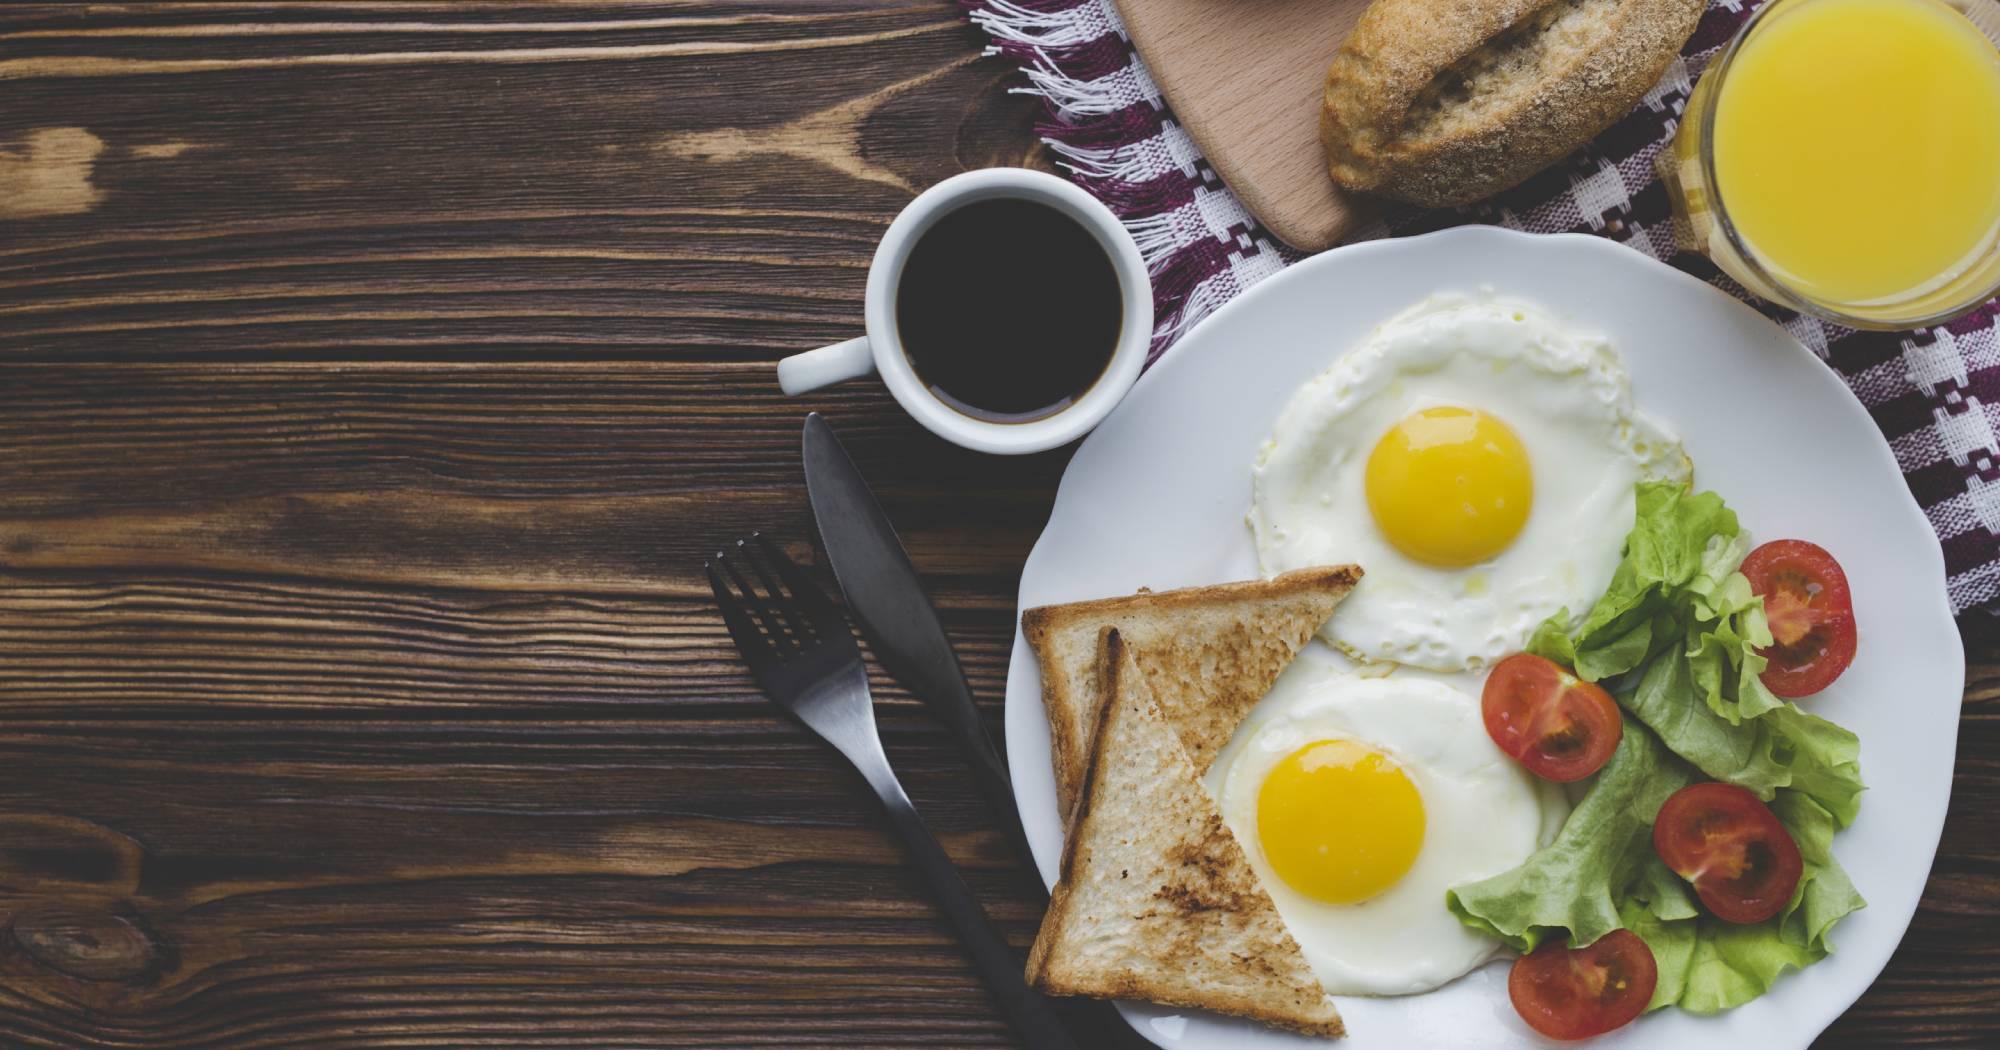 8 reasons to love breakfast